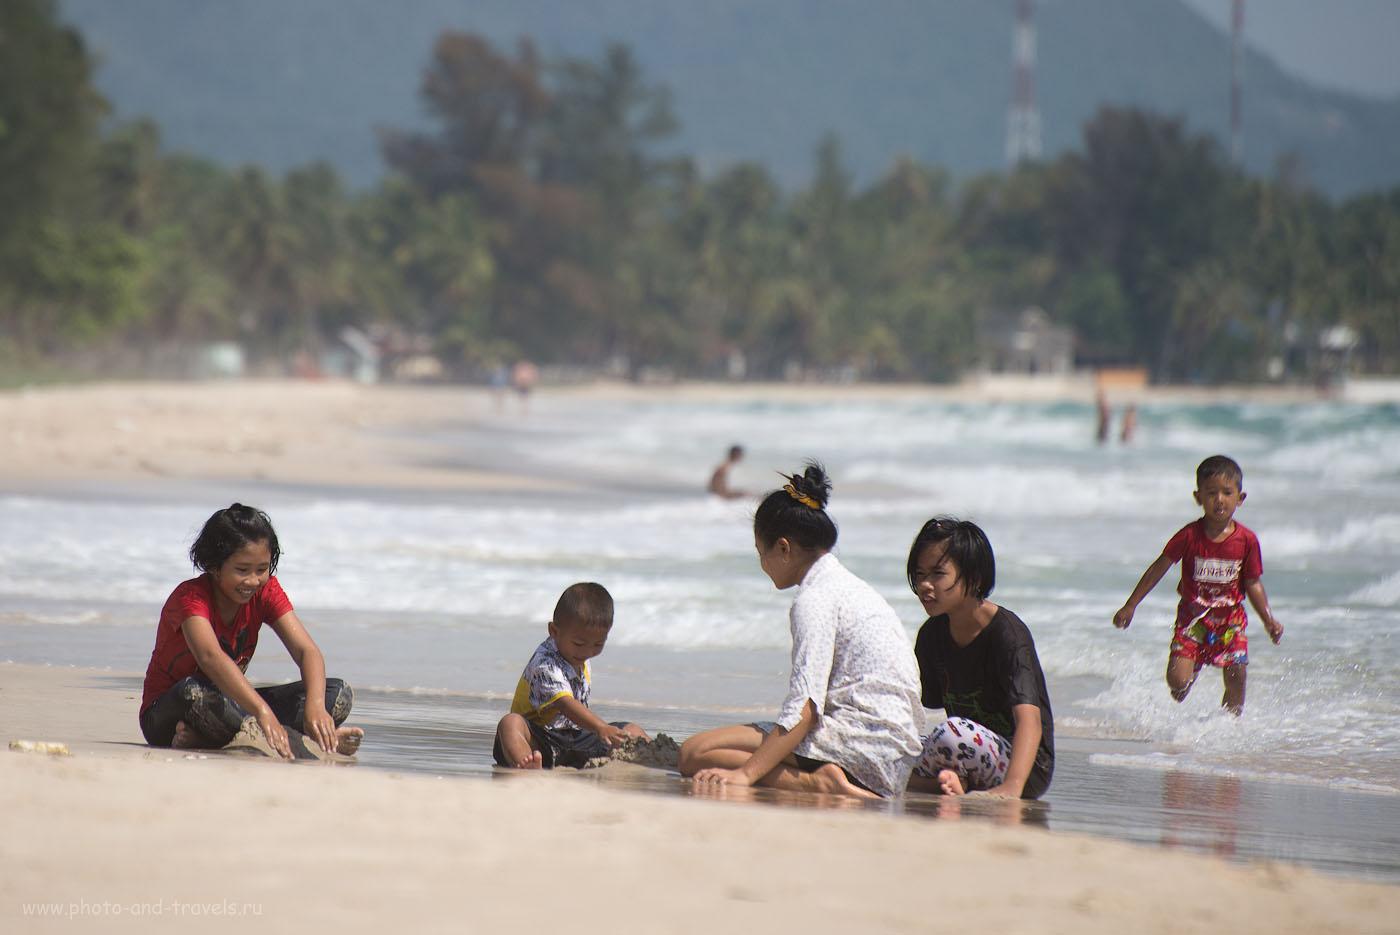 Фото 6. Пляжный отдых в Таиланде. По пути из Чумпхон в провинцию Краби (100, 300, 5.6, 1/640)